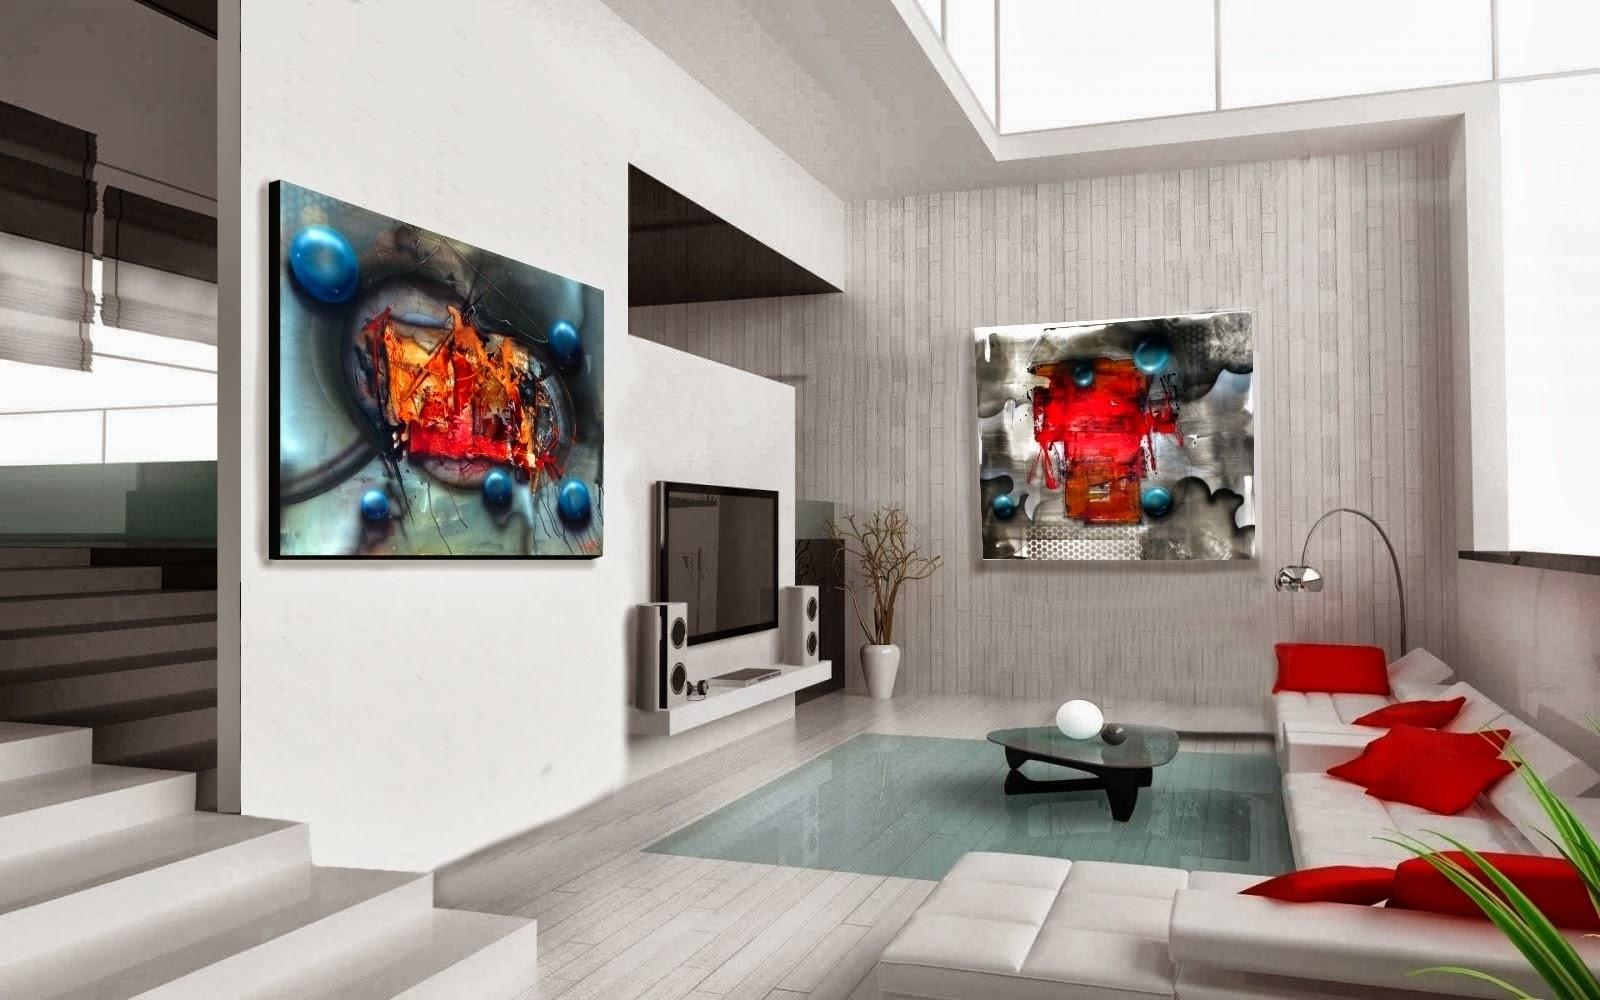 Venda de quadros com pinturas originais artes pl sticas for Pinturas modernas para interiores